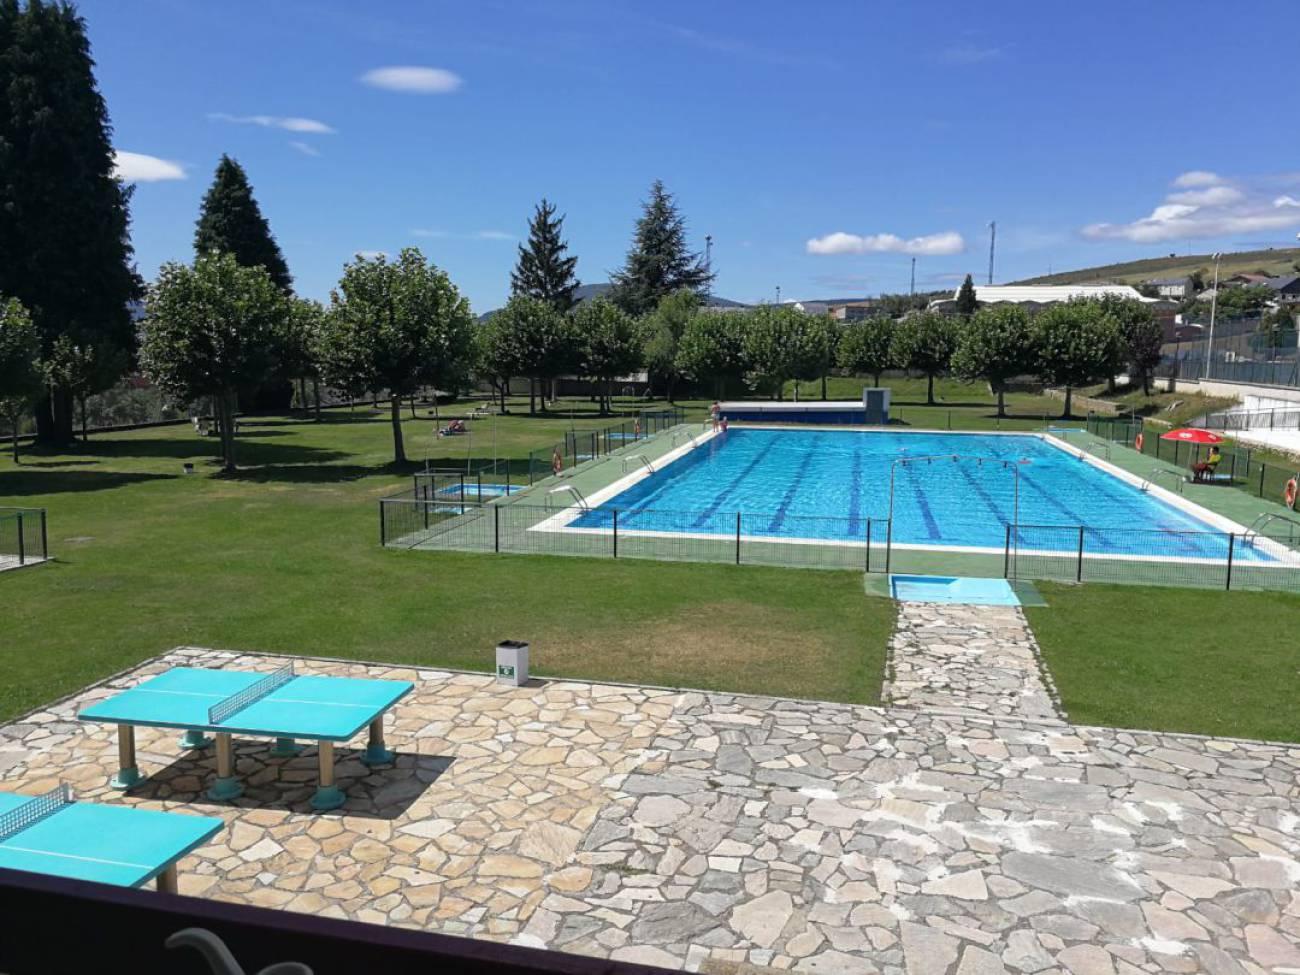 ¿Qué día cierran las piscinas de verano en El Bierzo? 6